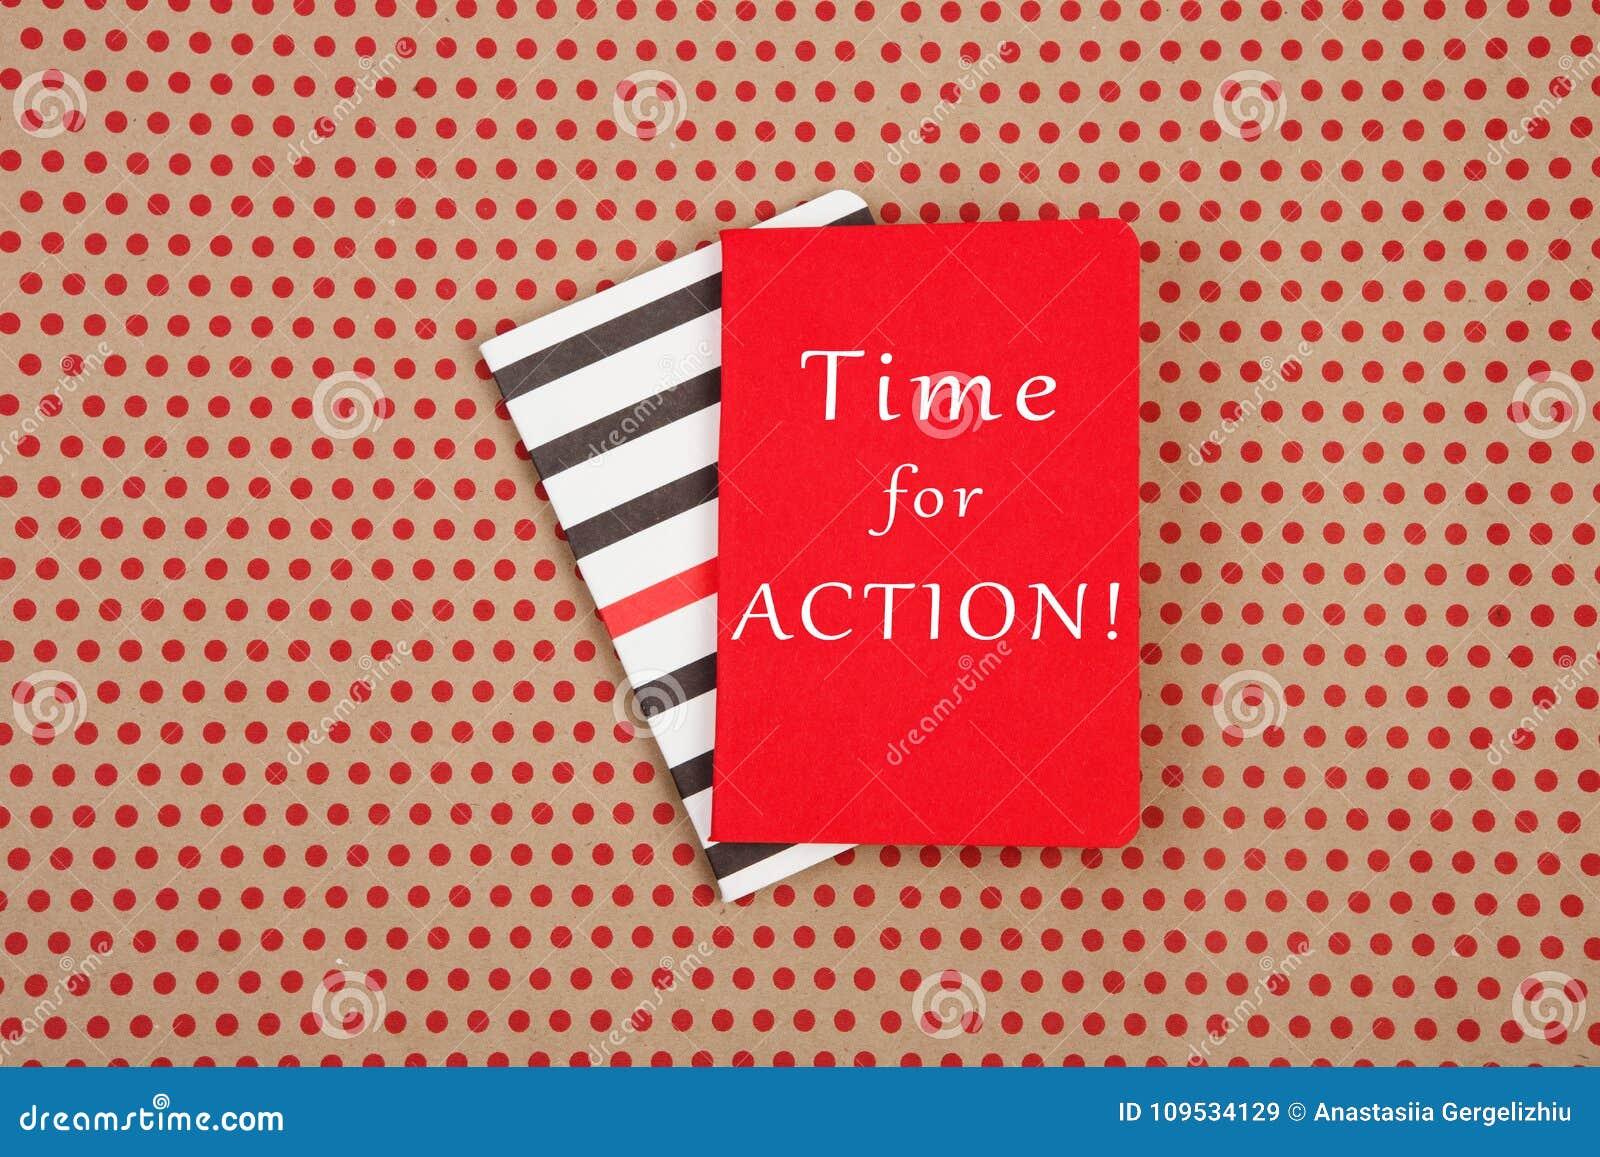 Блокноты с текстом & x22; Время для ДЕЙСТВИЯ! & x22;